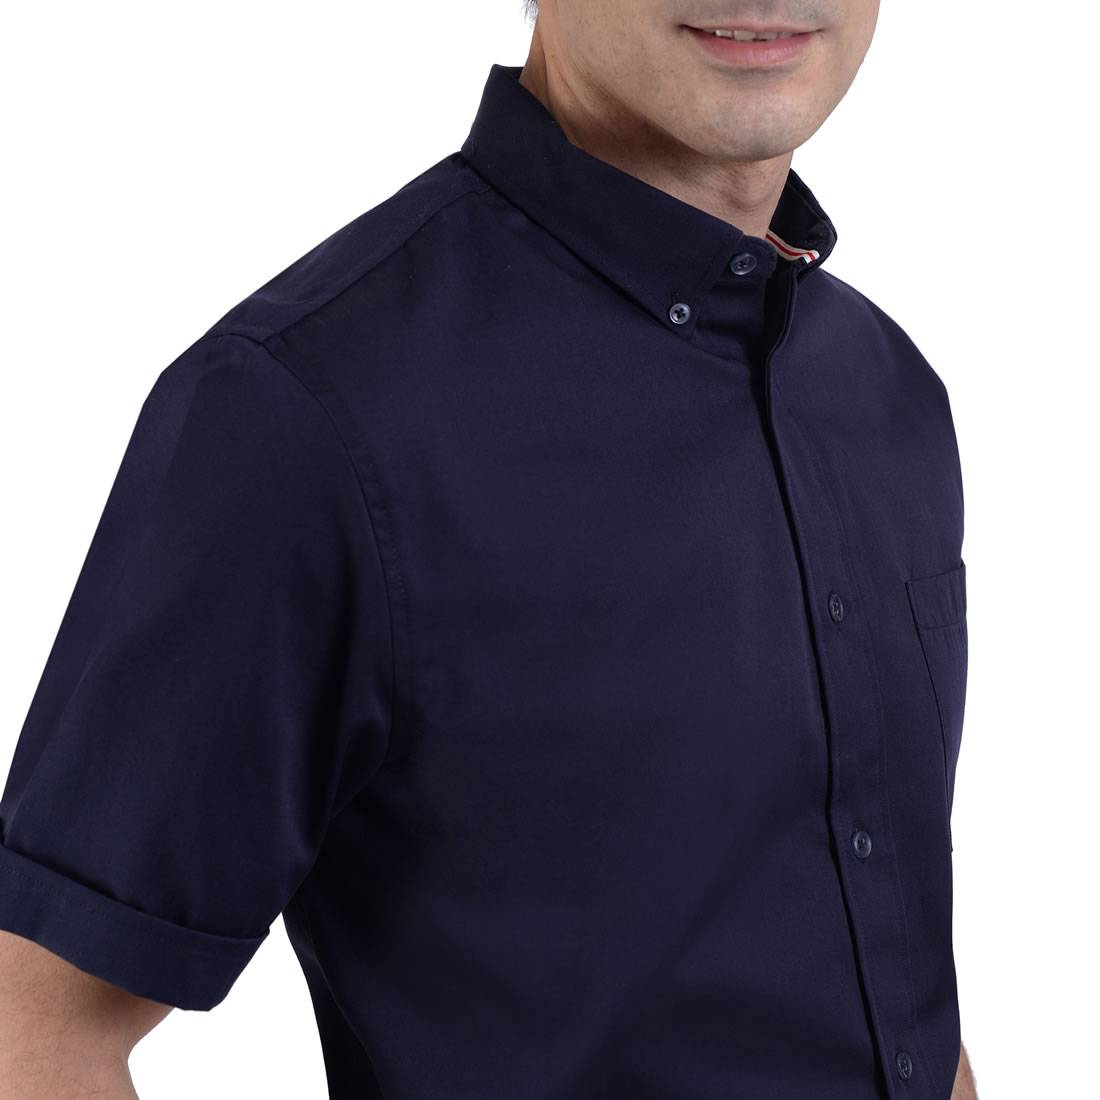 042331381719-03-Camisa-Manga-Corta-classic-Fit-Marino-yale